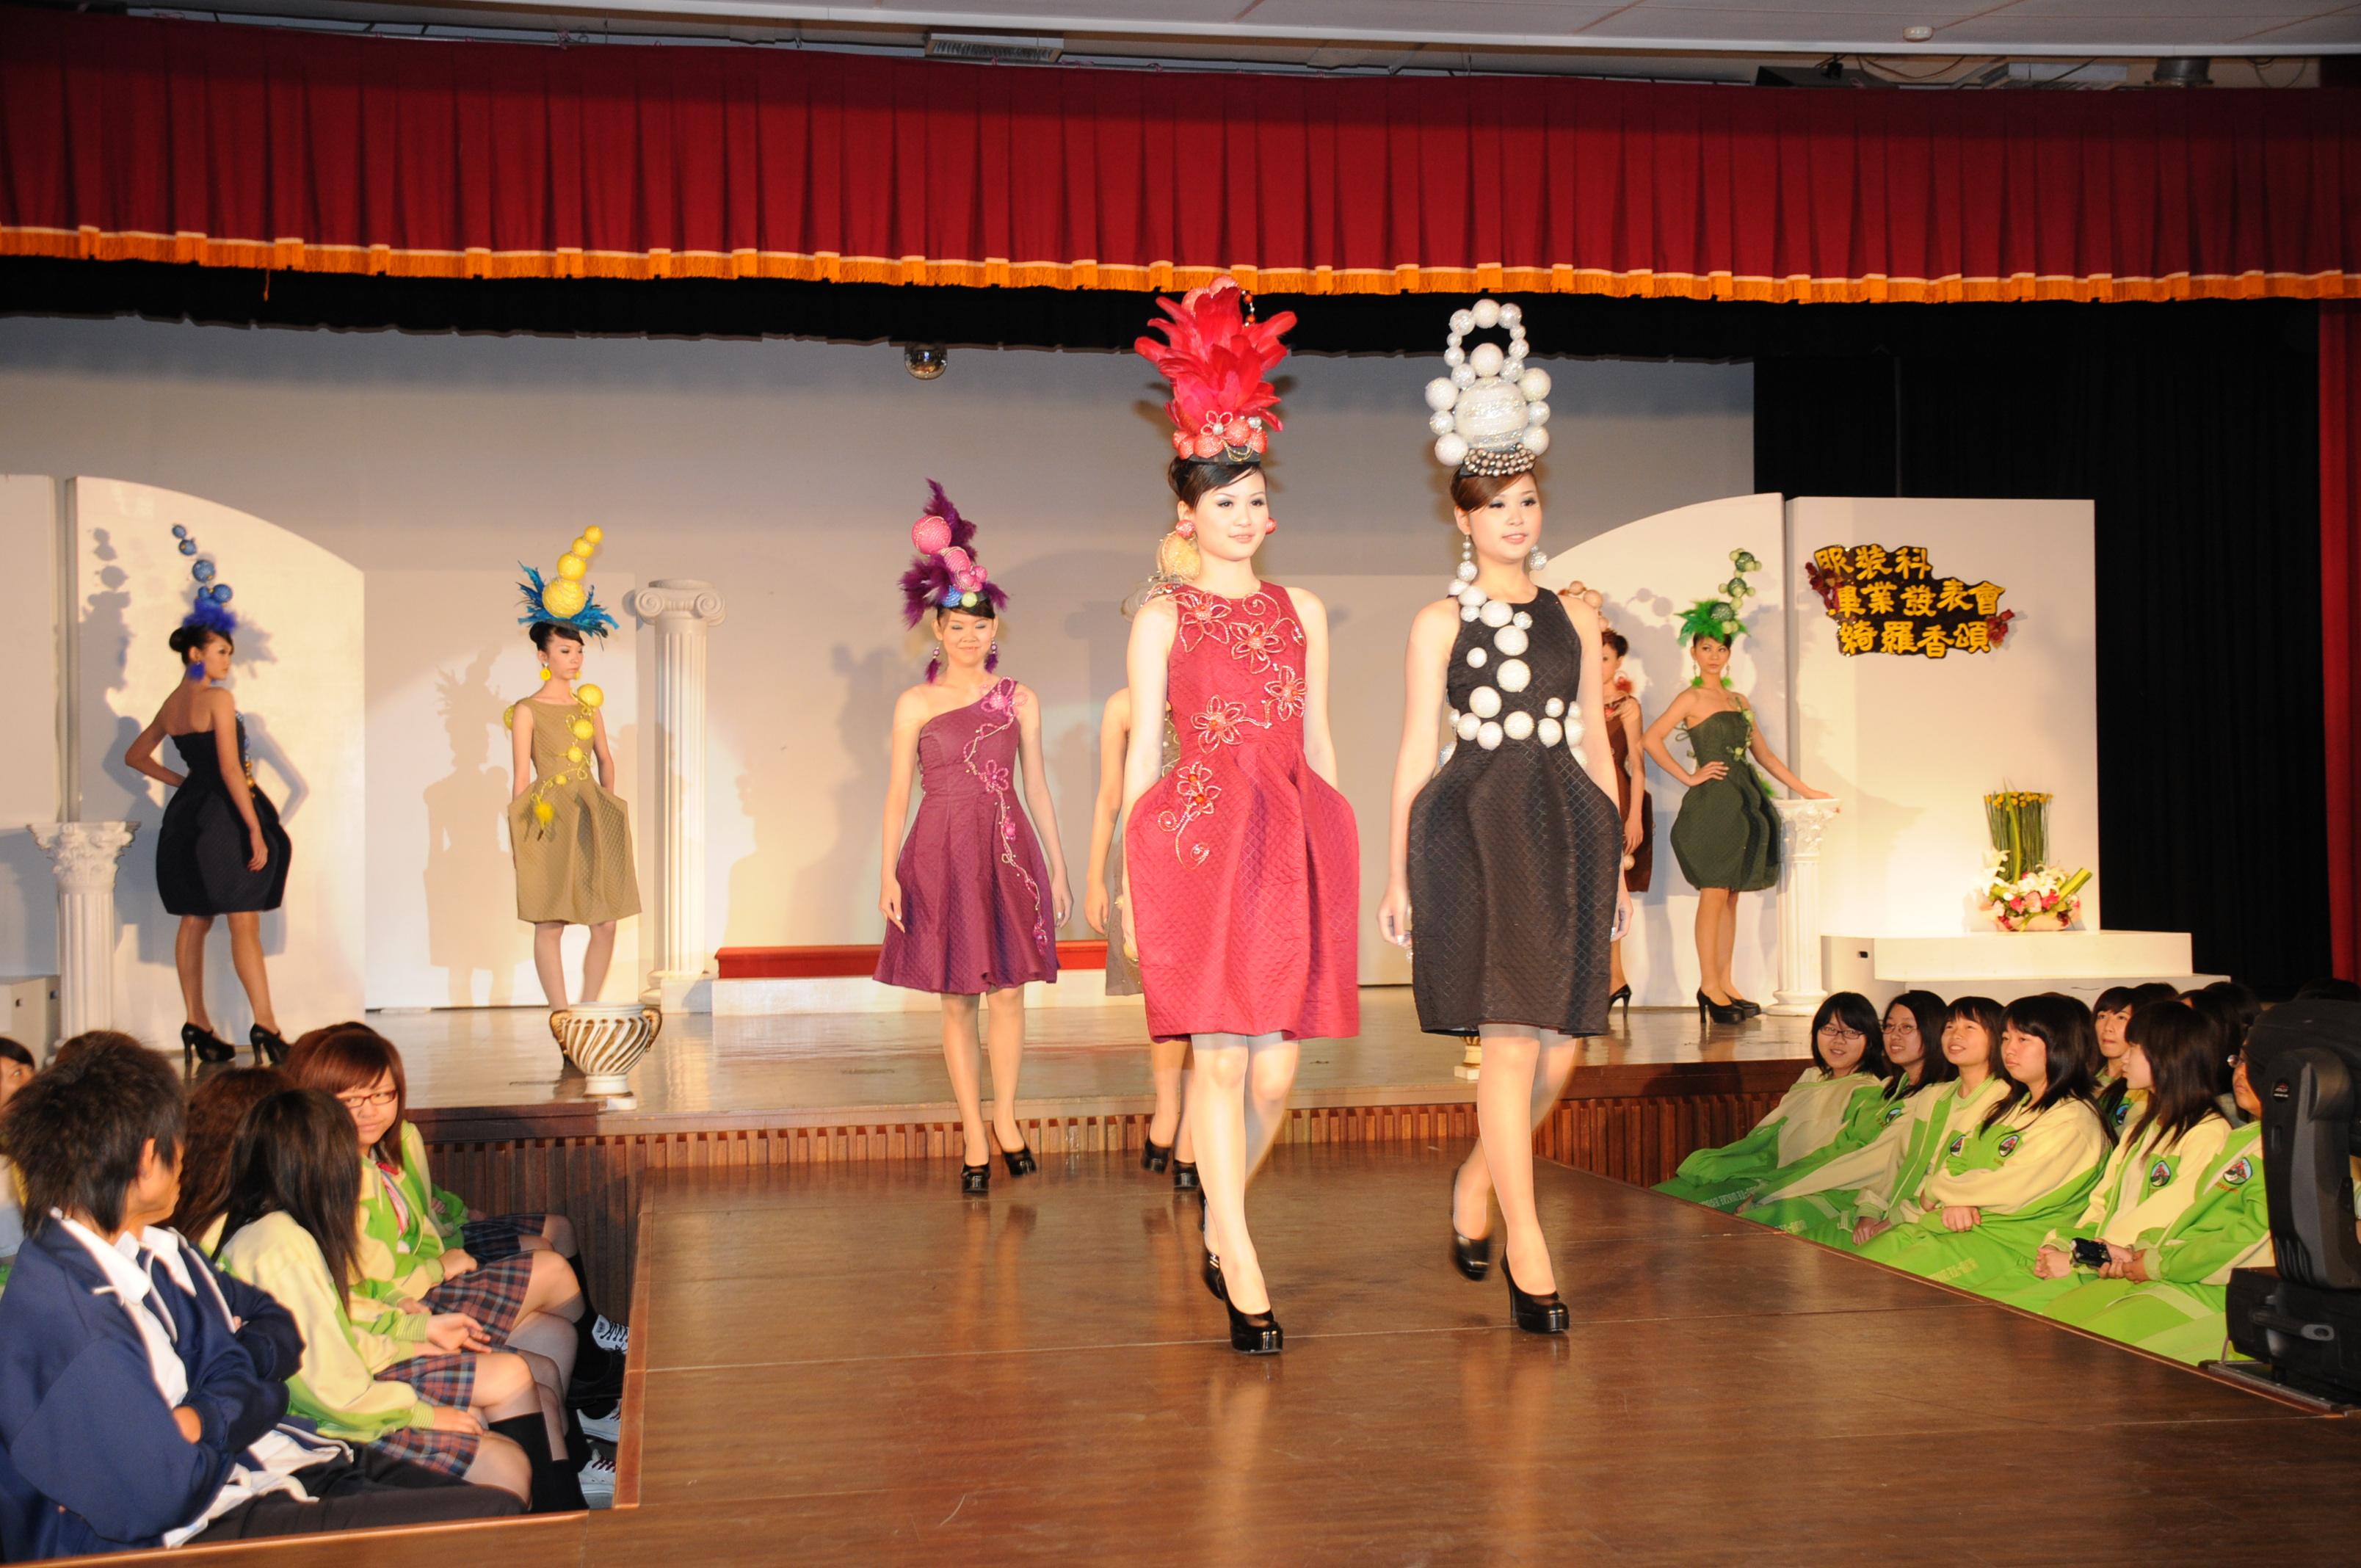 2008年台湾杯模特儿大赛 6. 2007年欧恪米兰亲善大使选拔